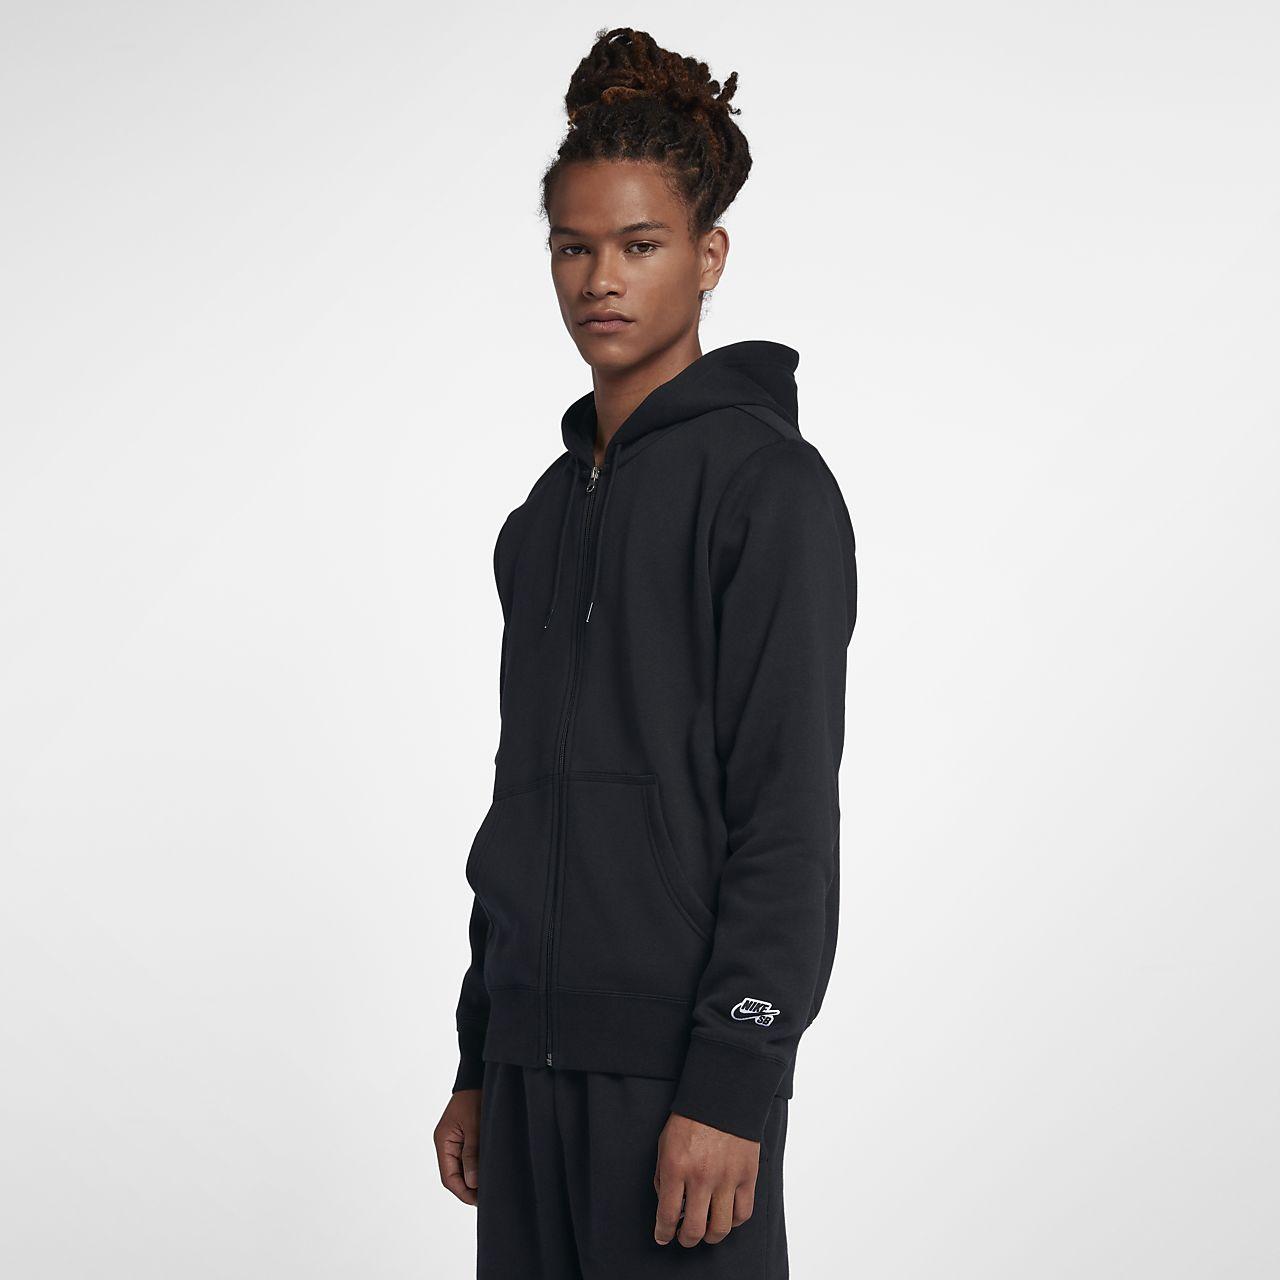 a8ed3557a680f ... Nike SB Essential Icon Herren-Hoodie mit durchgehendem Reißverschluss